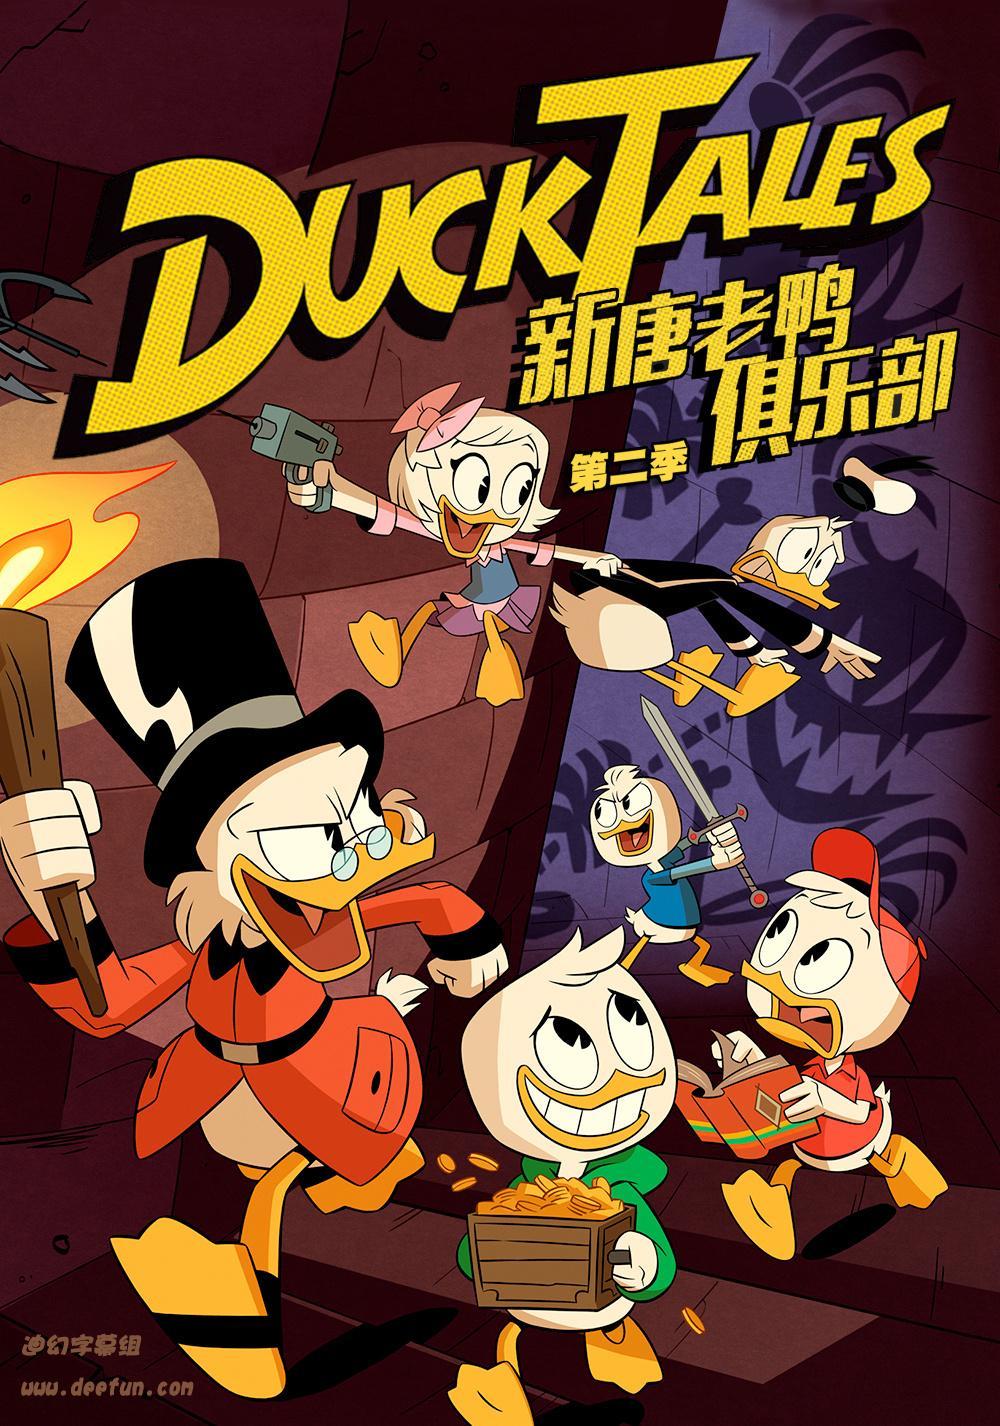 【新唐老鸭俱乐部/DuckTales】[第二季][中英双字]更新第23集